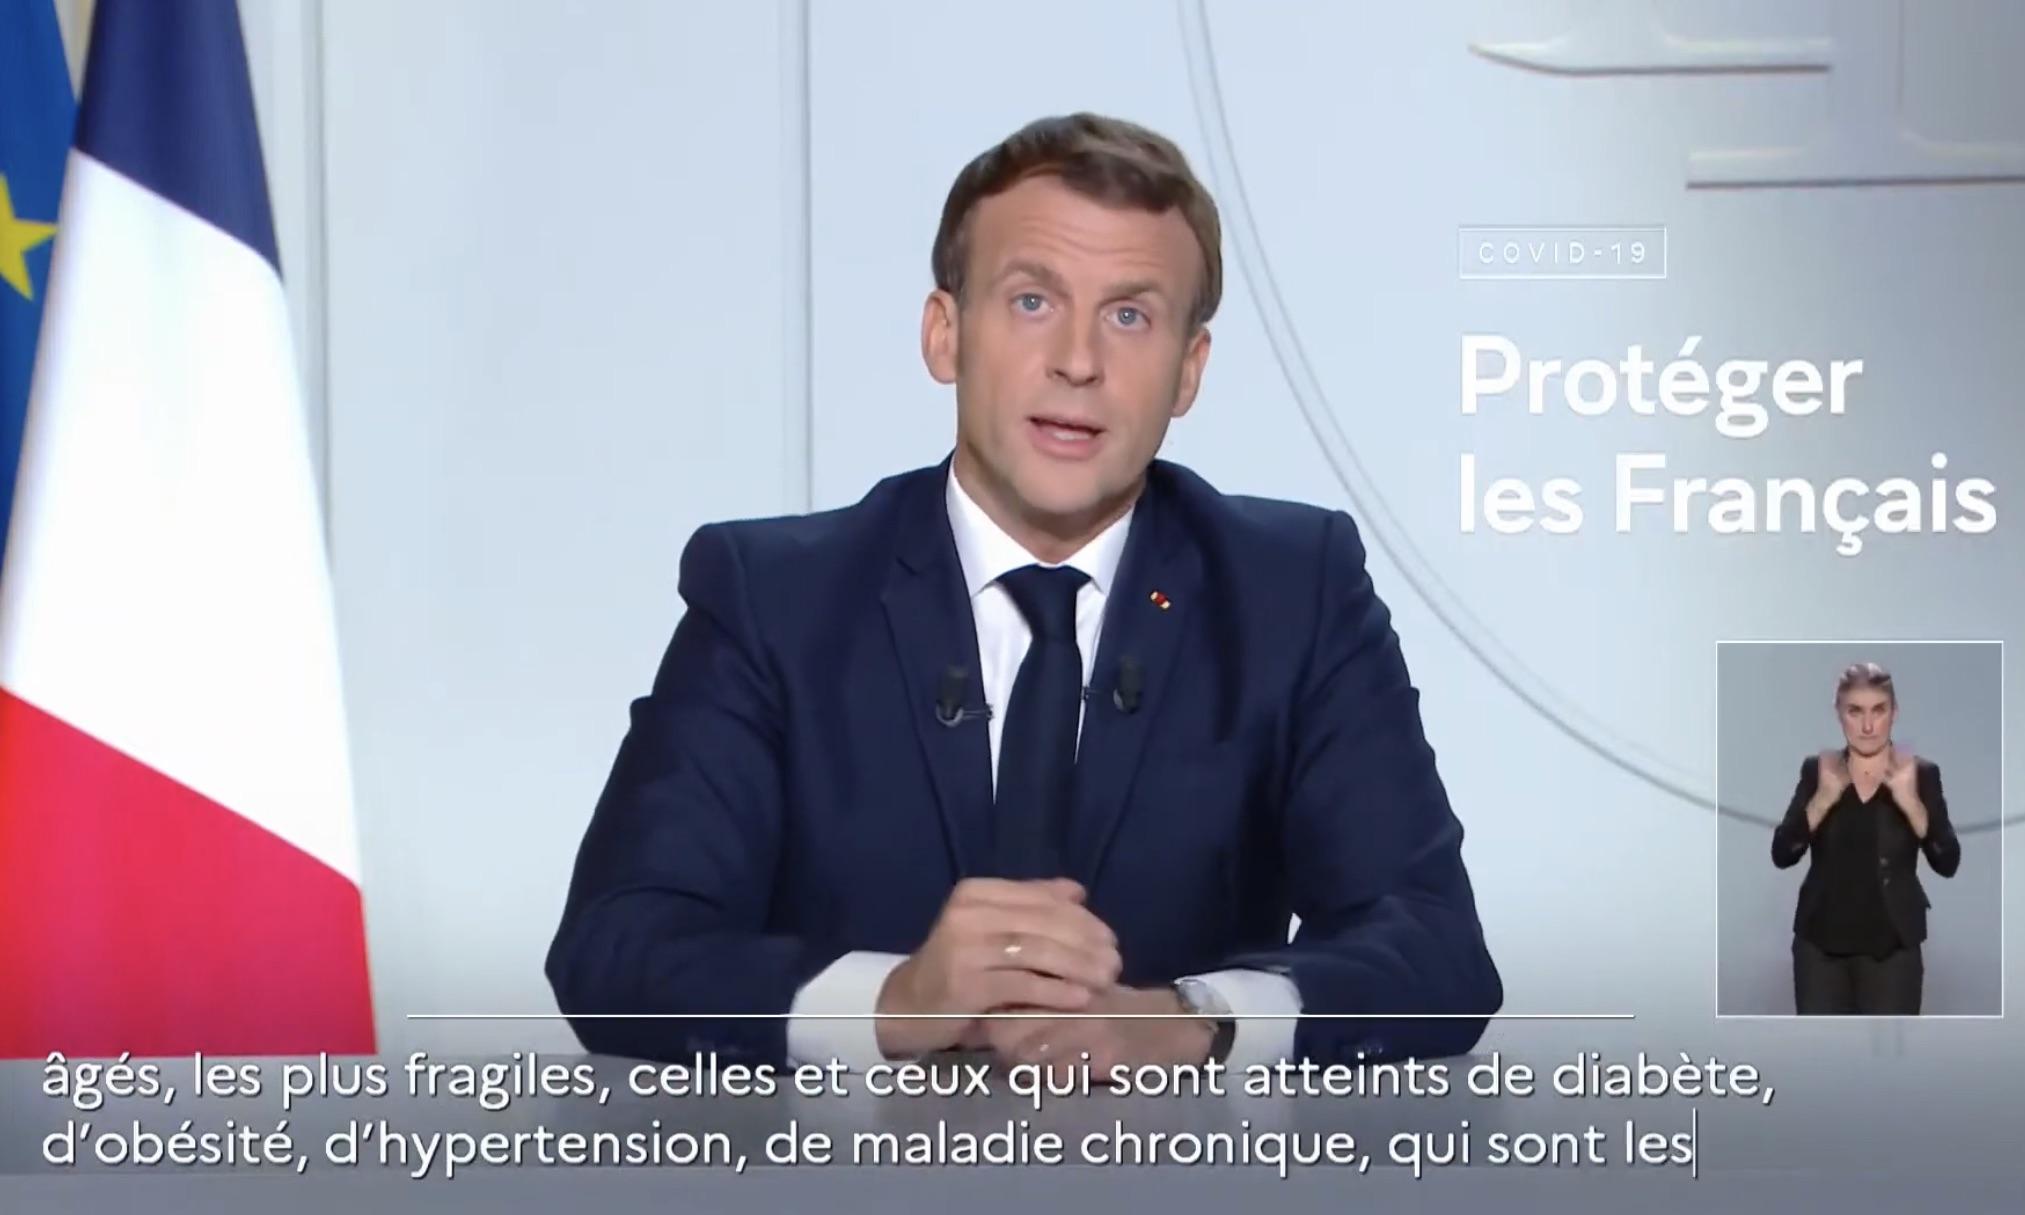 Reconfinement : le Président Macron rappelle, une fois encore, qu' « il faut protéger celles et ceux qui sont atteints d'obésité »